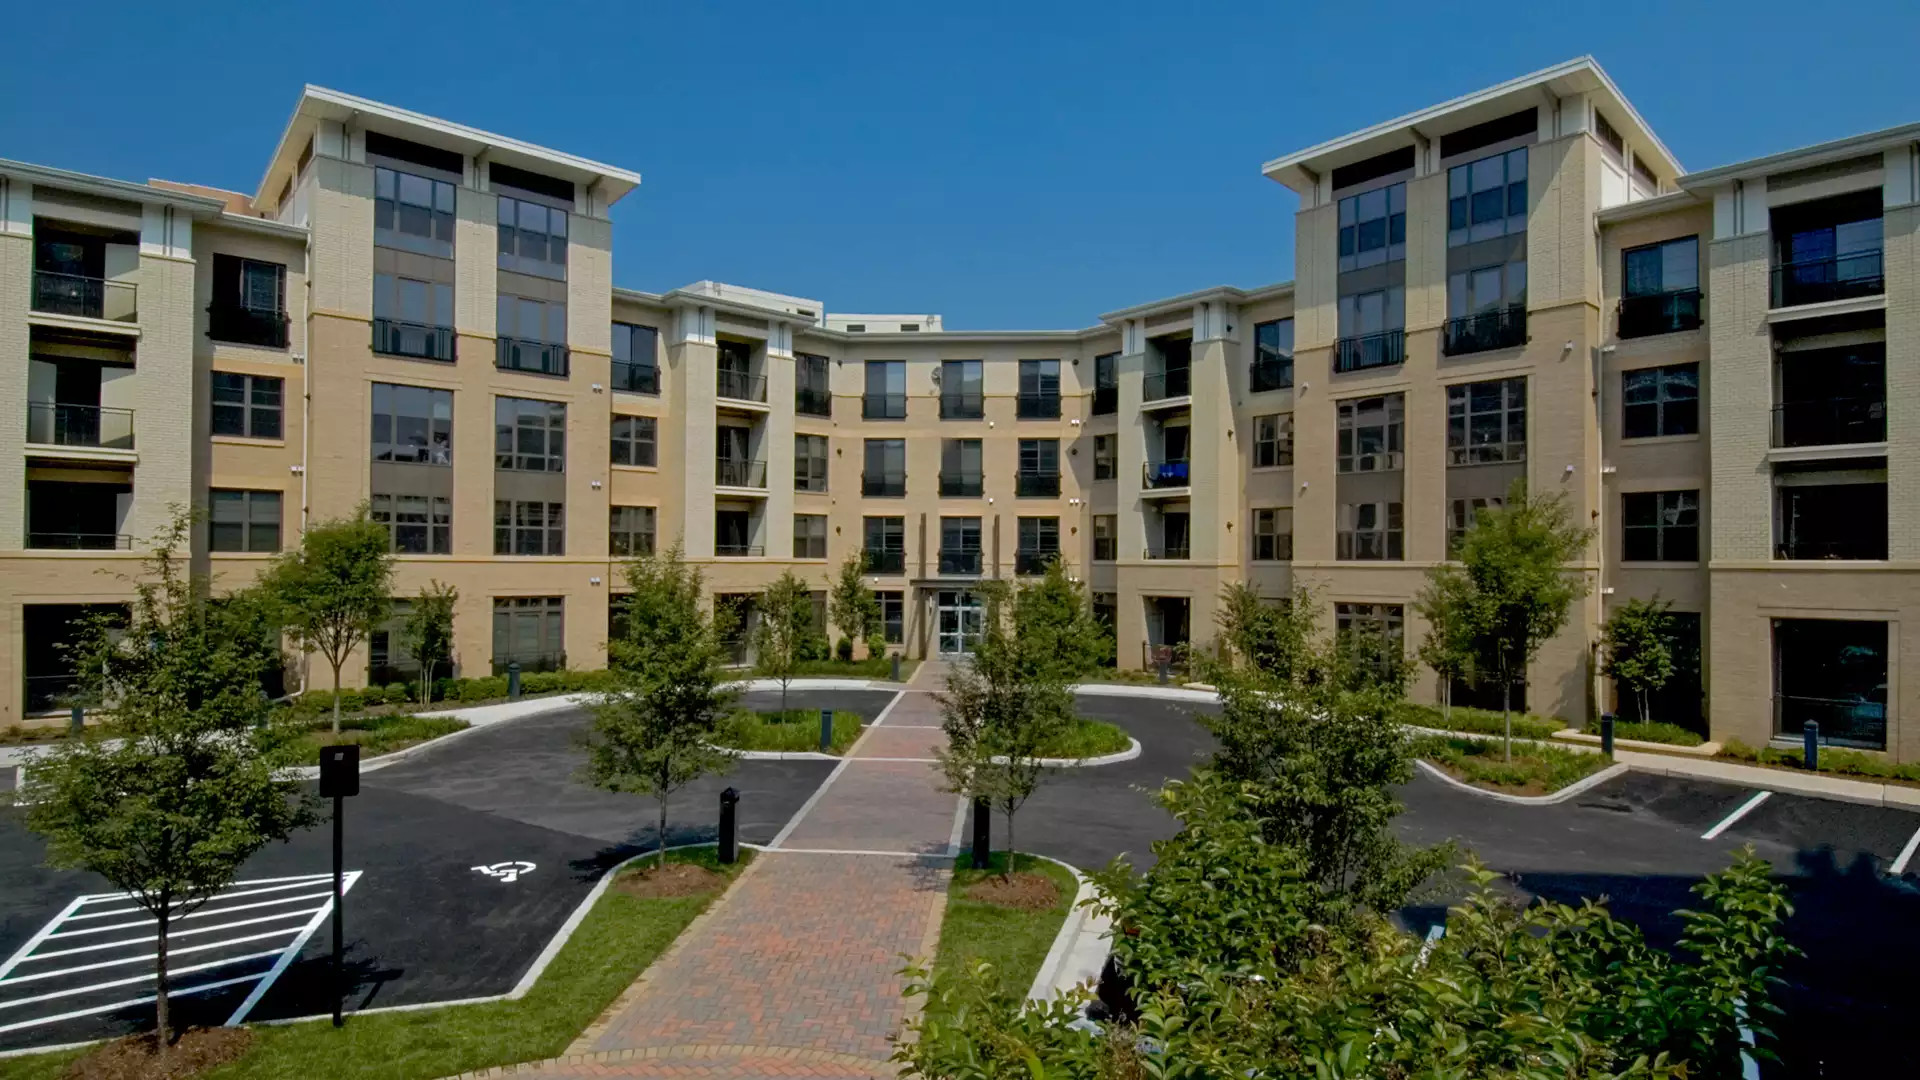 Lofts 590 Apartments - Arlington, VA